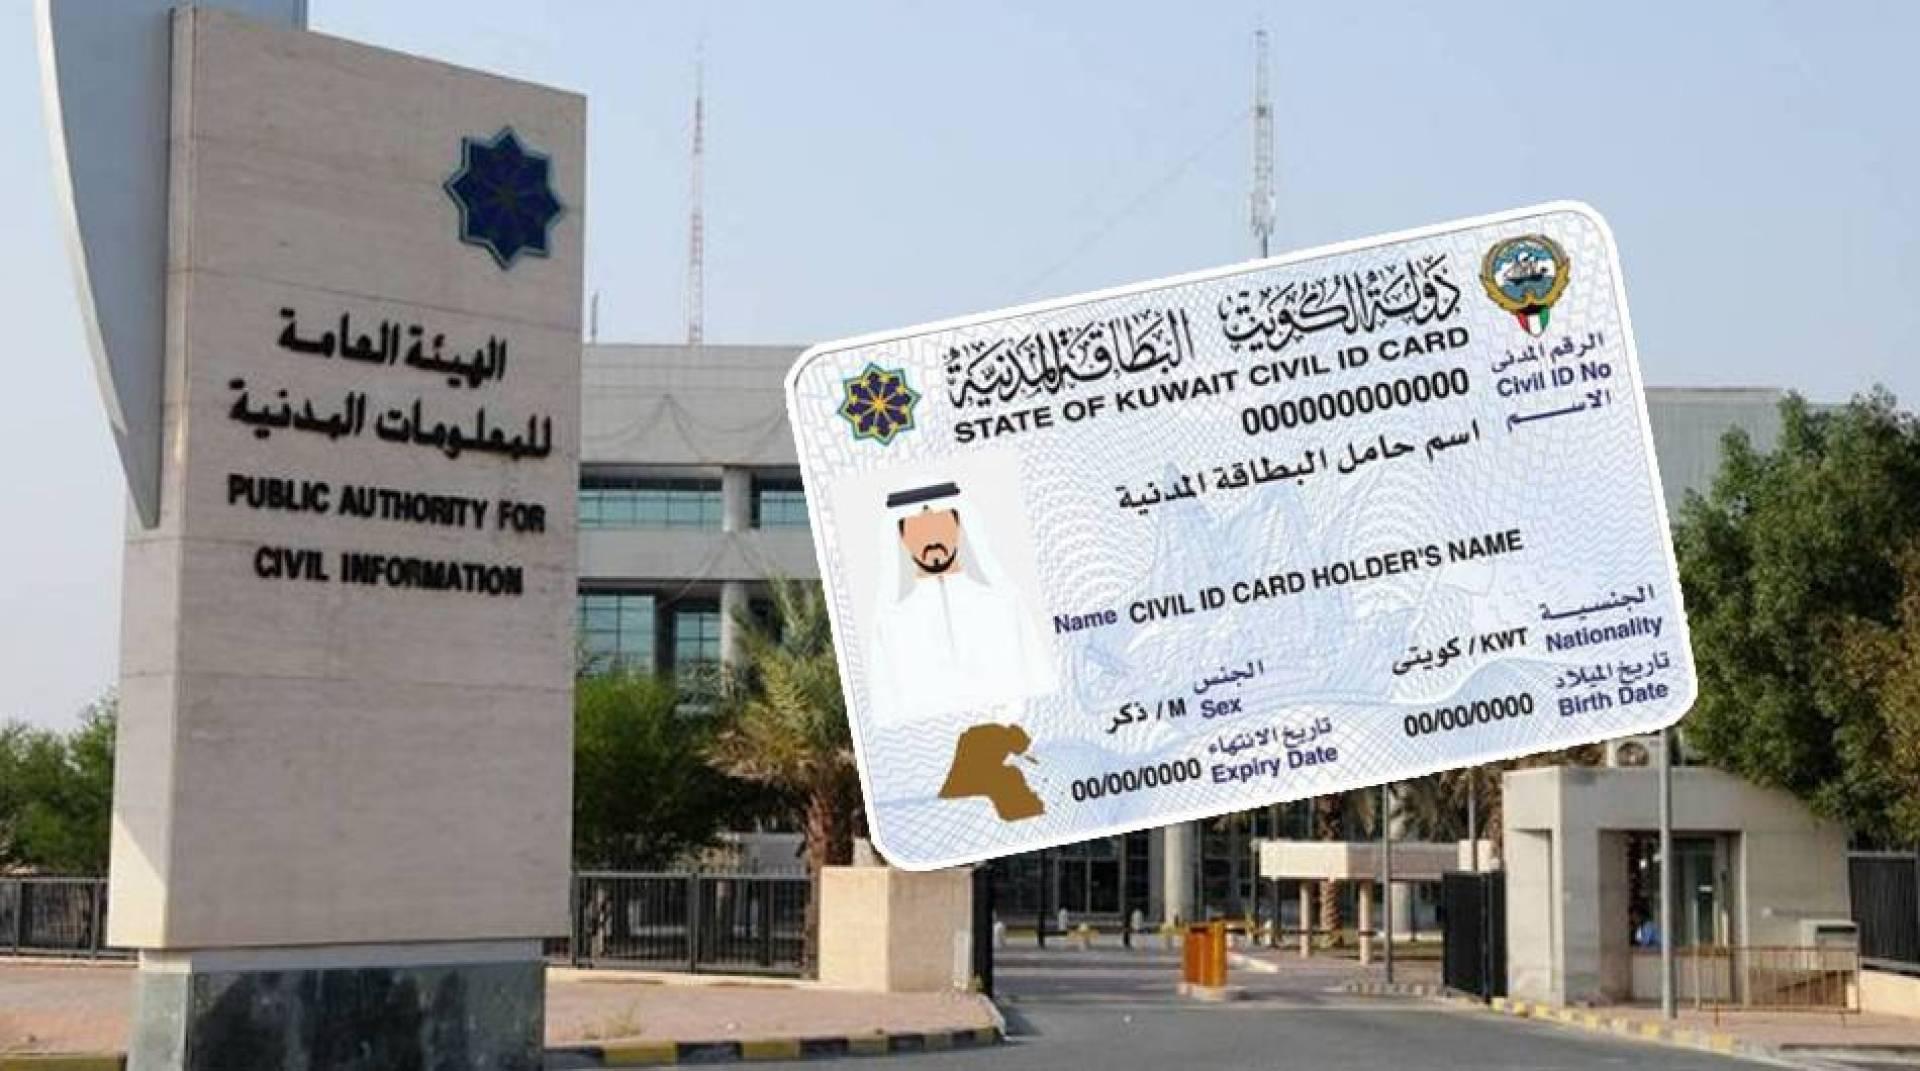 «المعلومات المدنية»: إيصال 40 ألف بطاقة للمنازل